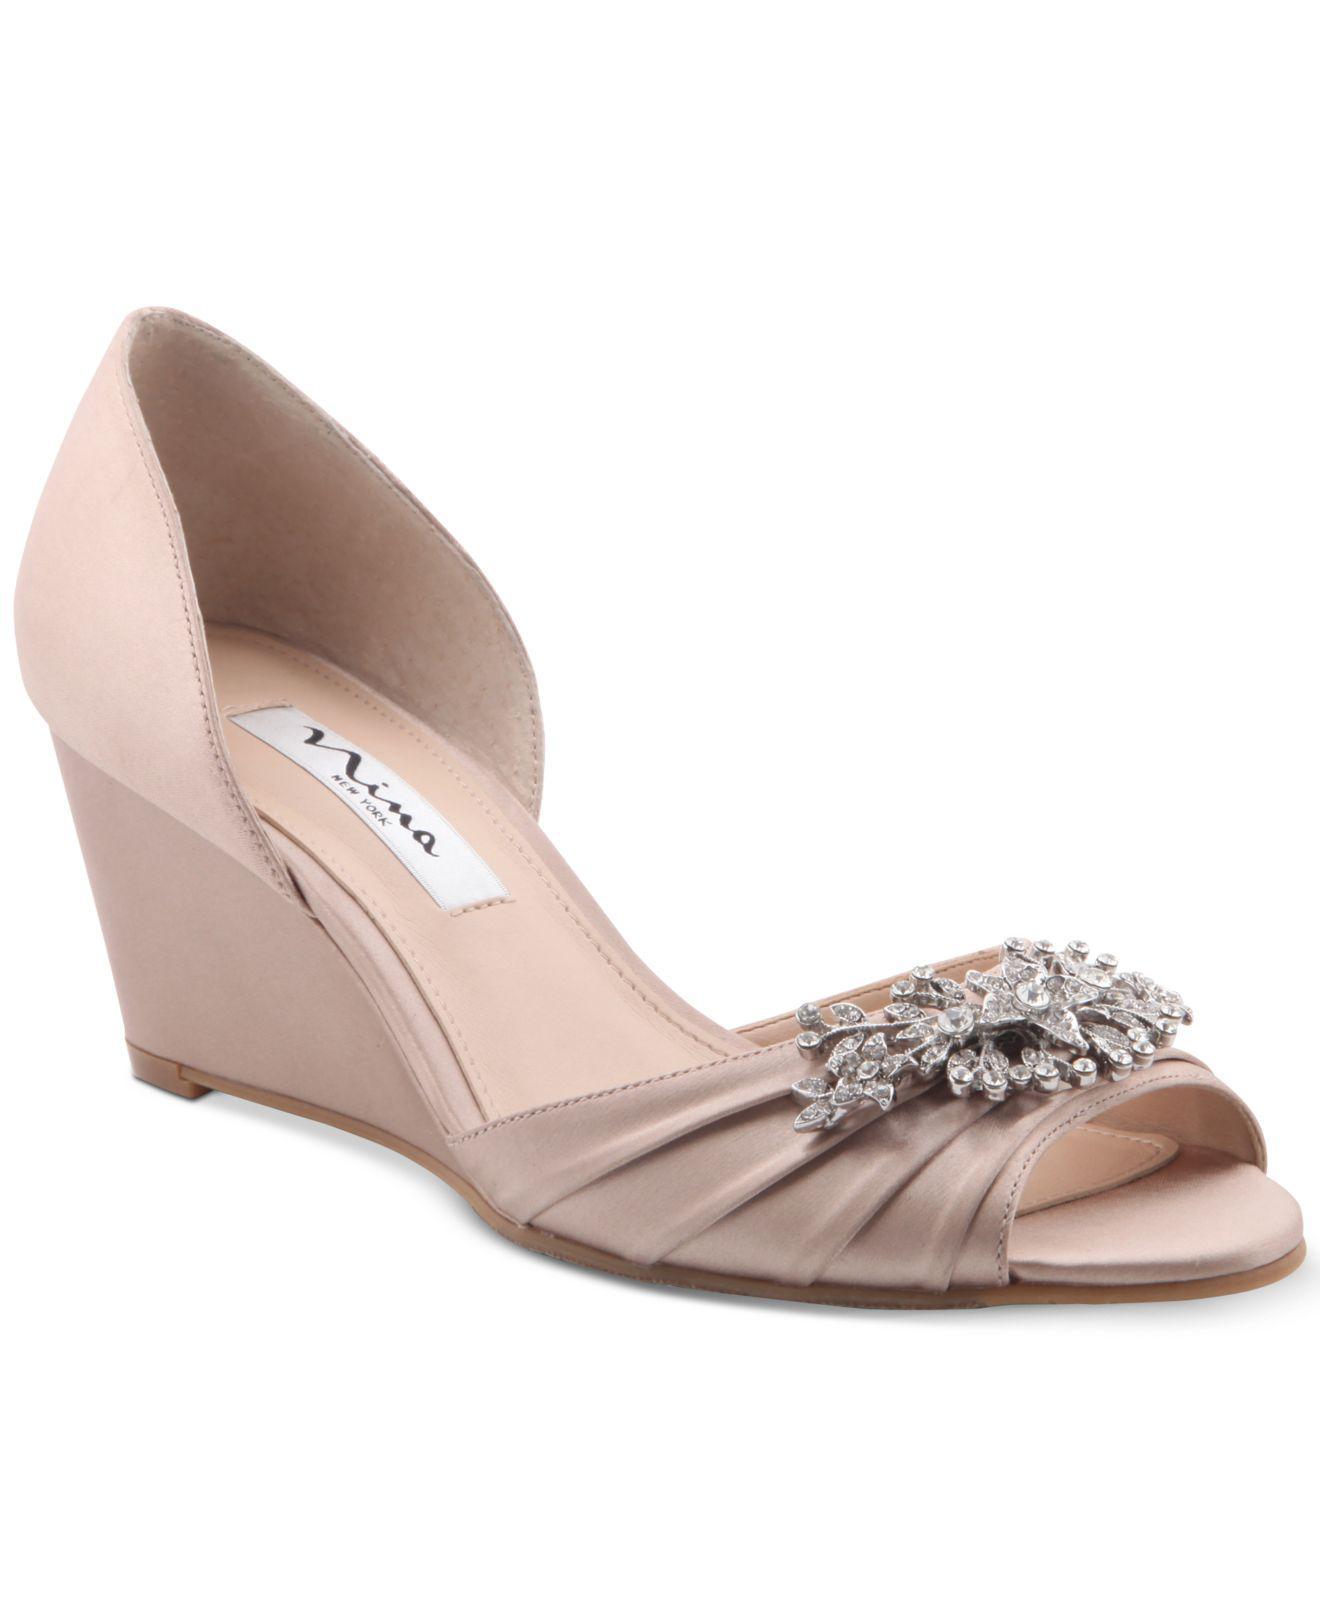 NINA Emiko Embellished Evening Wedges Women's Shoes 4UEjNBhSt